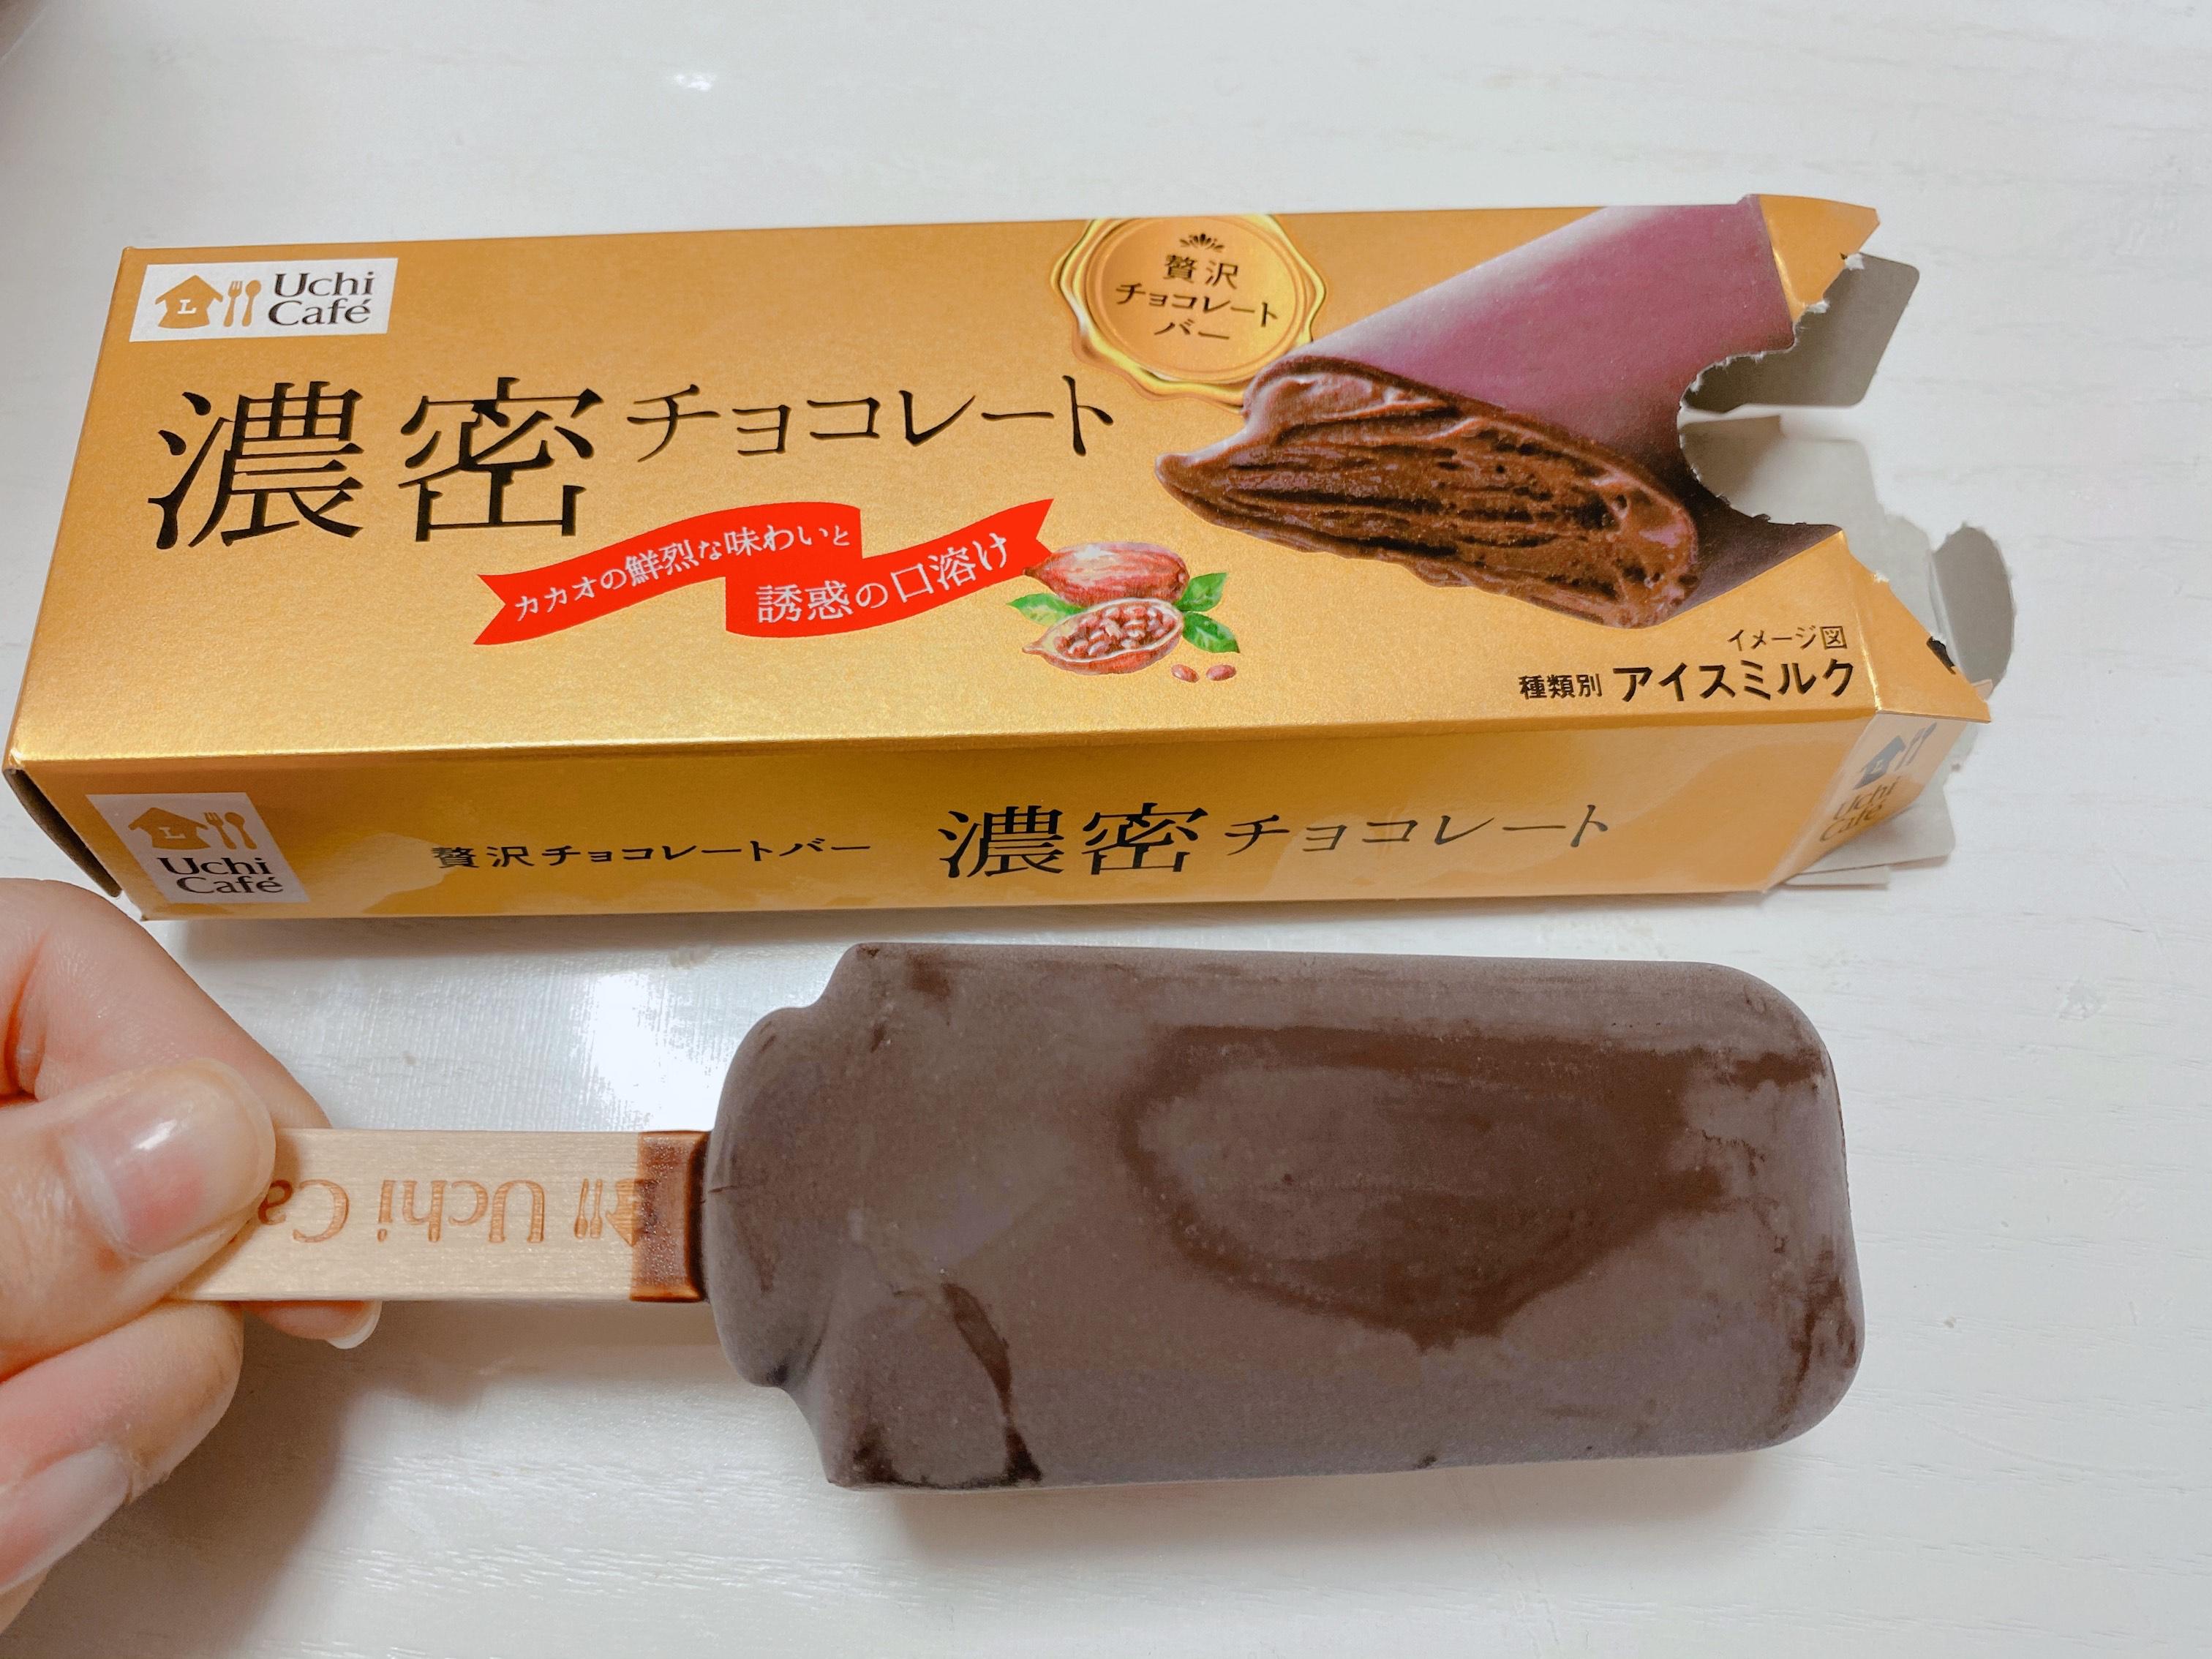 濃密チョコがたまらない!LAWSON限定【Uchi Cafeアイス】_2